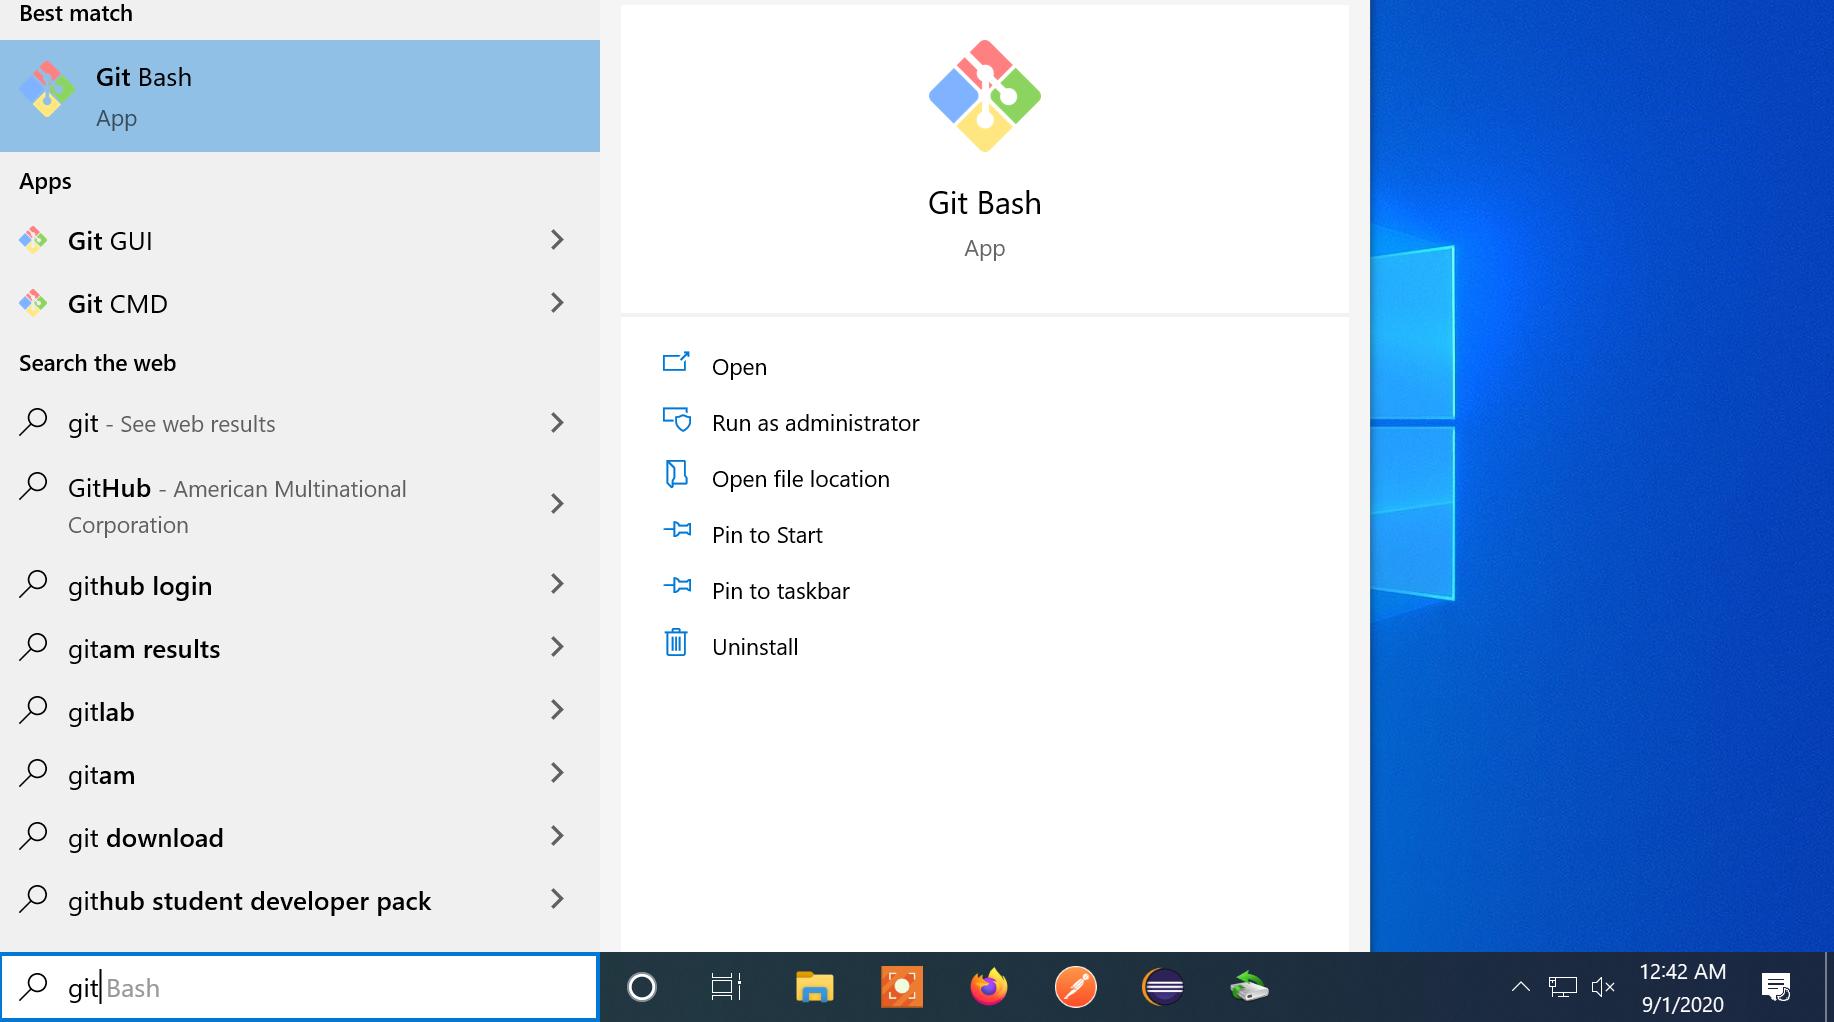 Git Bash App